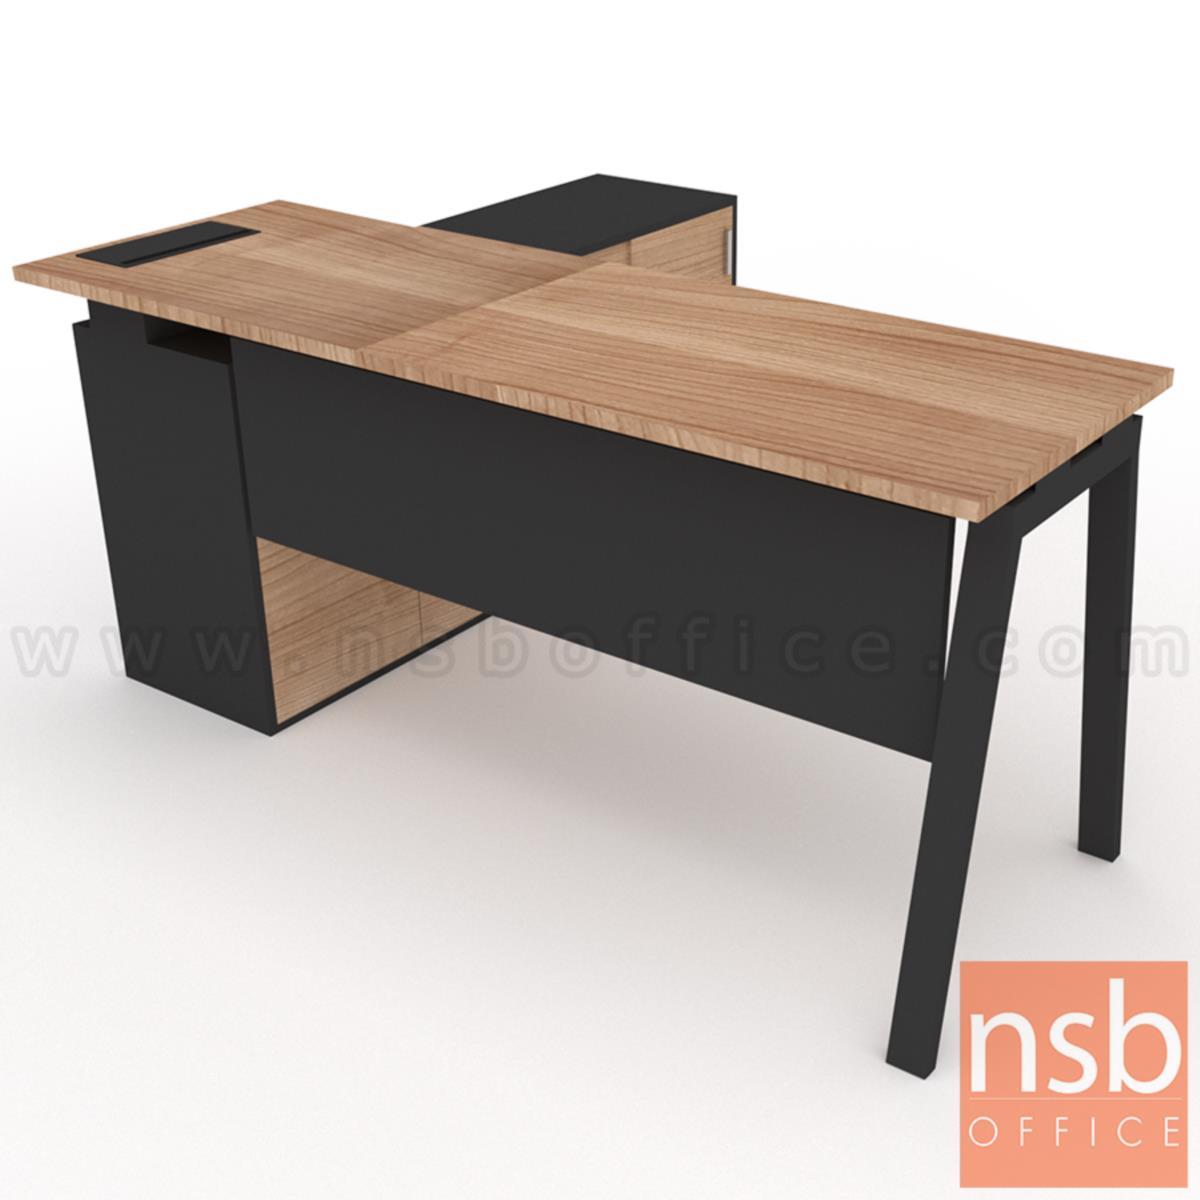 โต๊ะผู้บริหารตัวแอล  รุ่น Slash-6 (สแลช-6) ขนาด 160W, 180W cm.  พร้อมตู้ข้างและรางไฟรุ่น A24A034-1 ขาเหล็ก